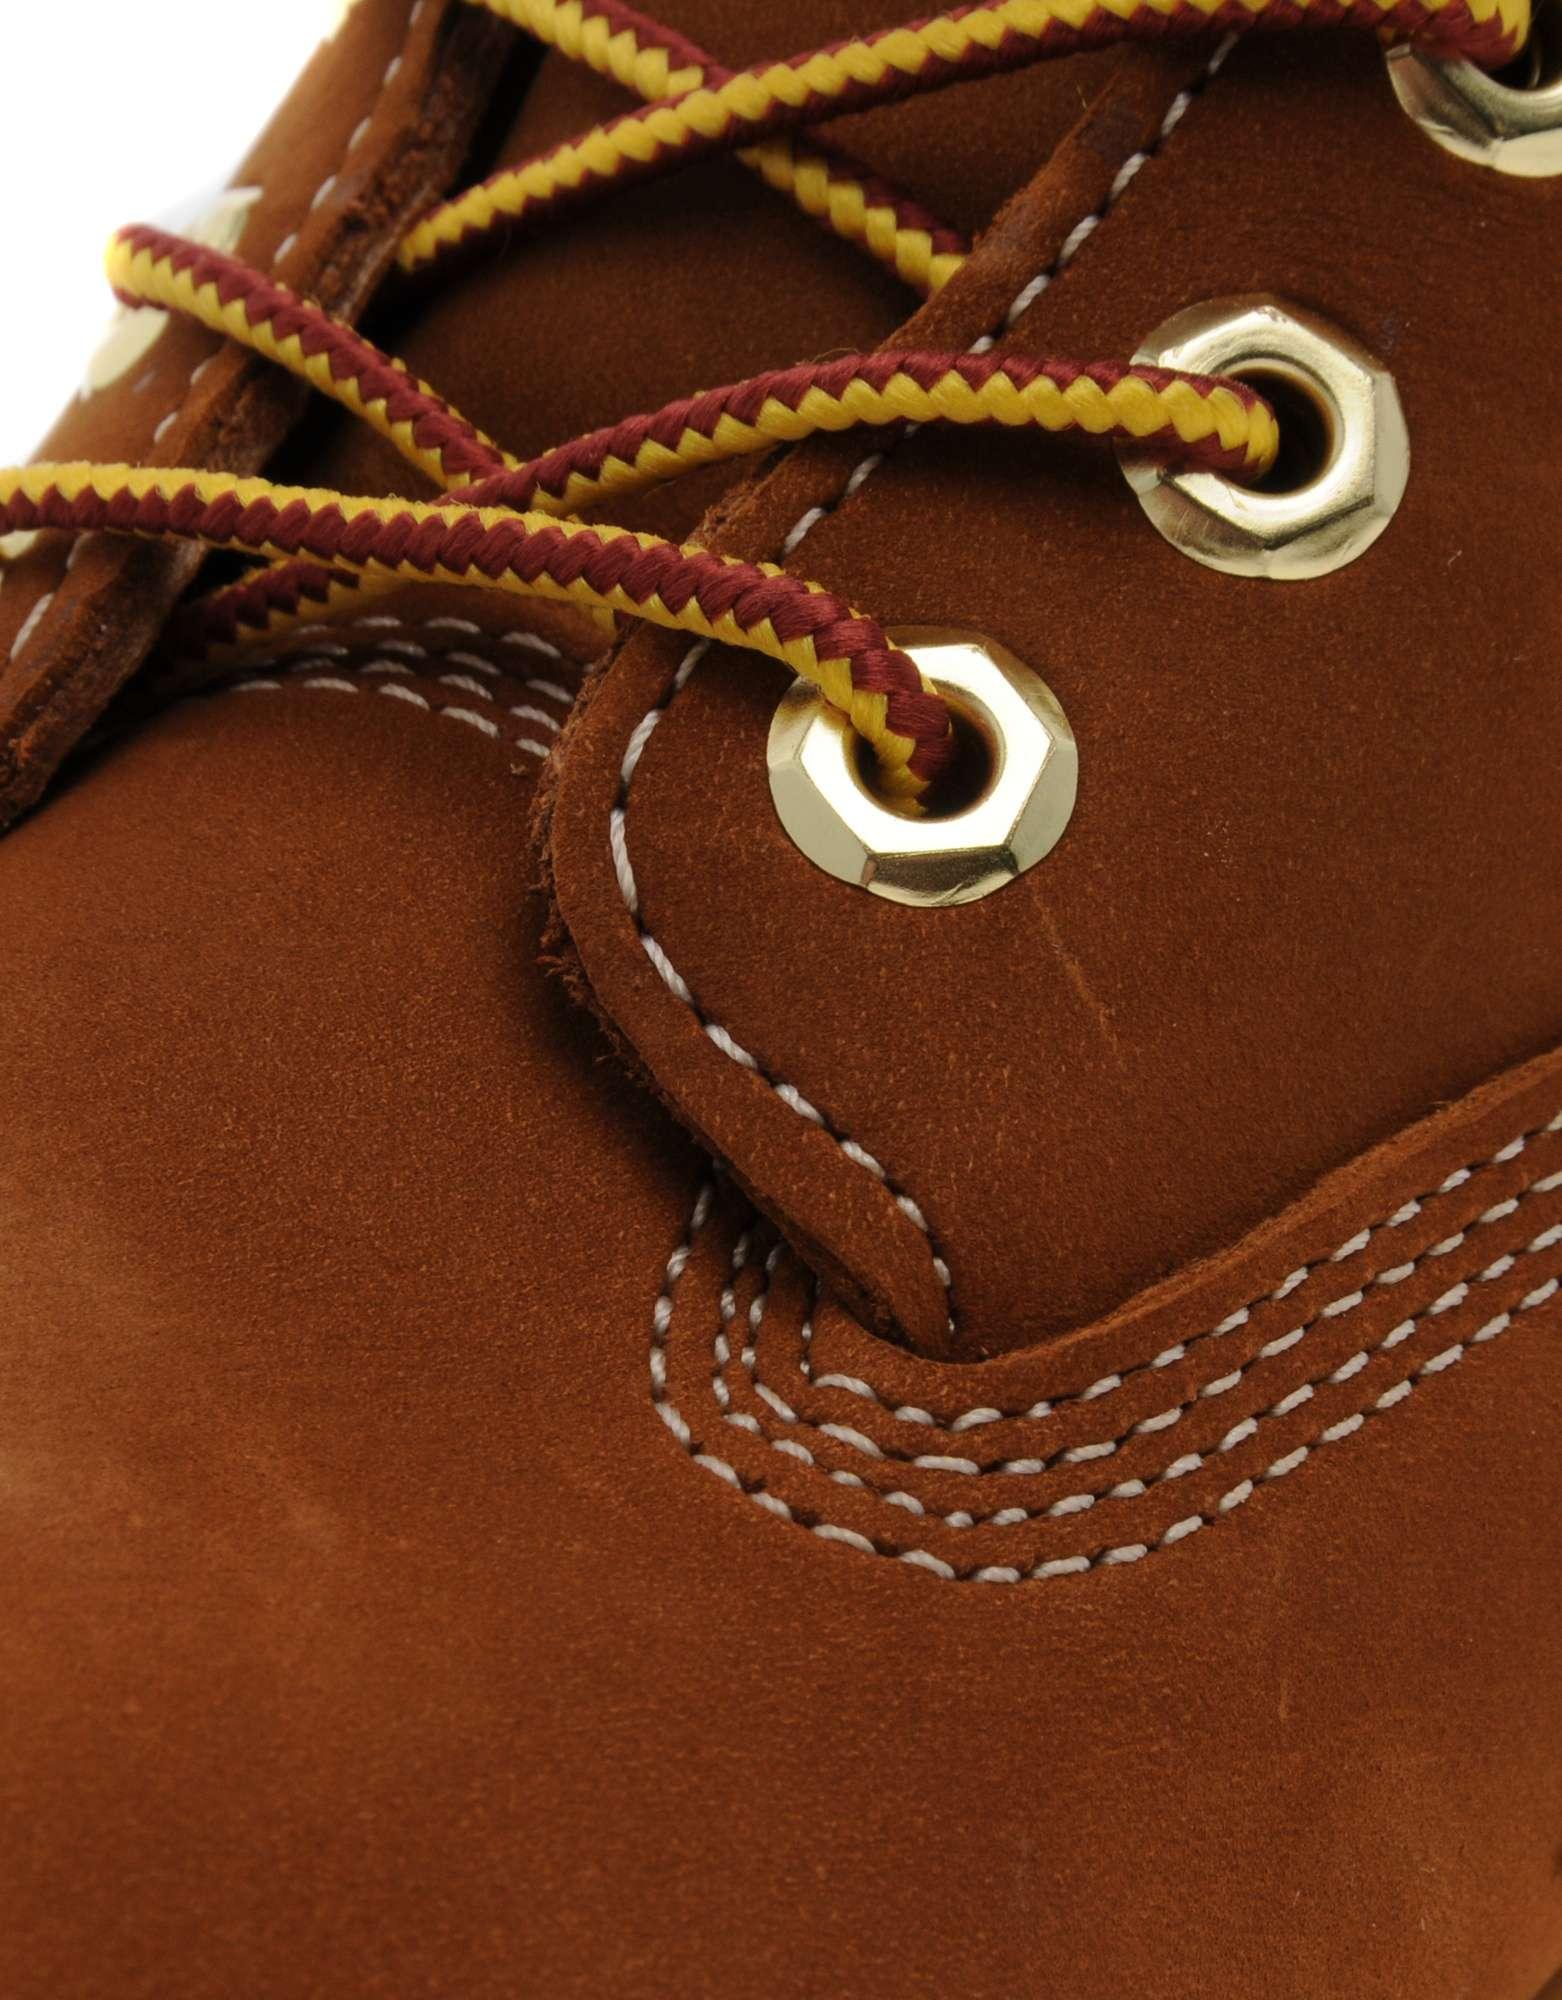 Timberland 6 Inch Premium Boot Women's